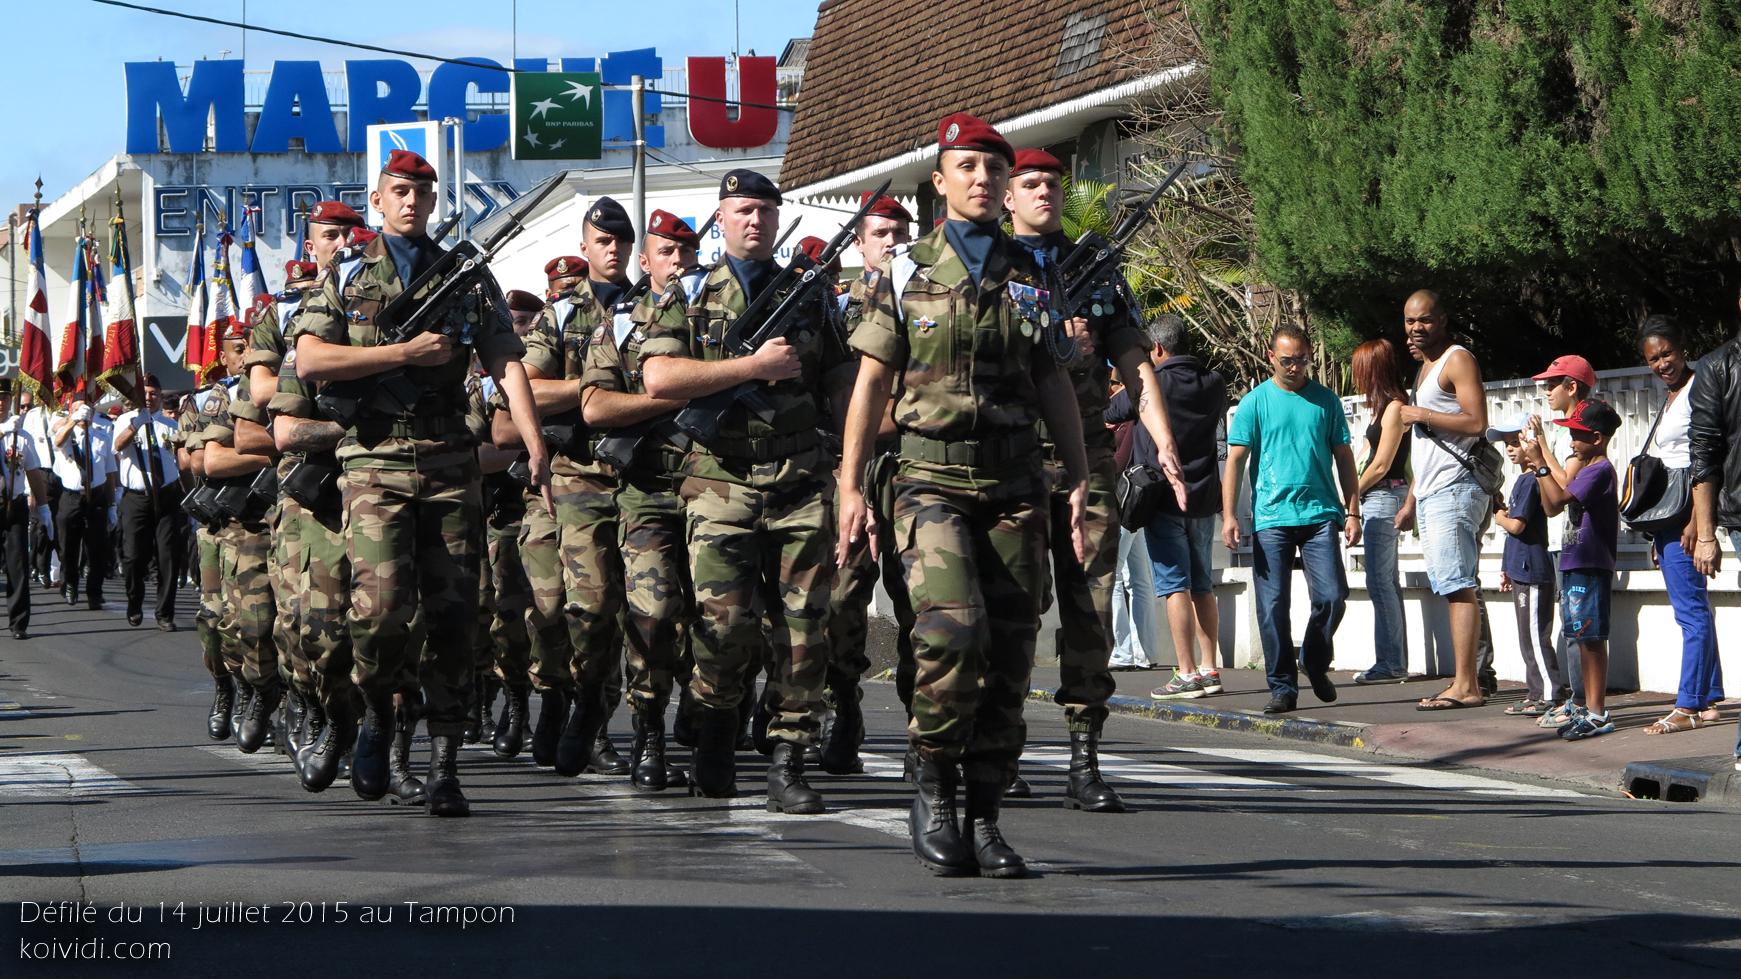 défilé militaire 14 juillet 2015